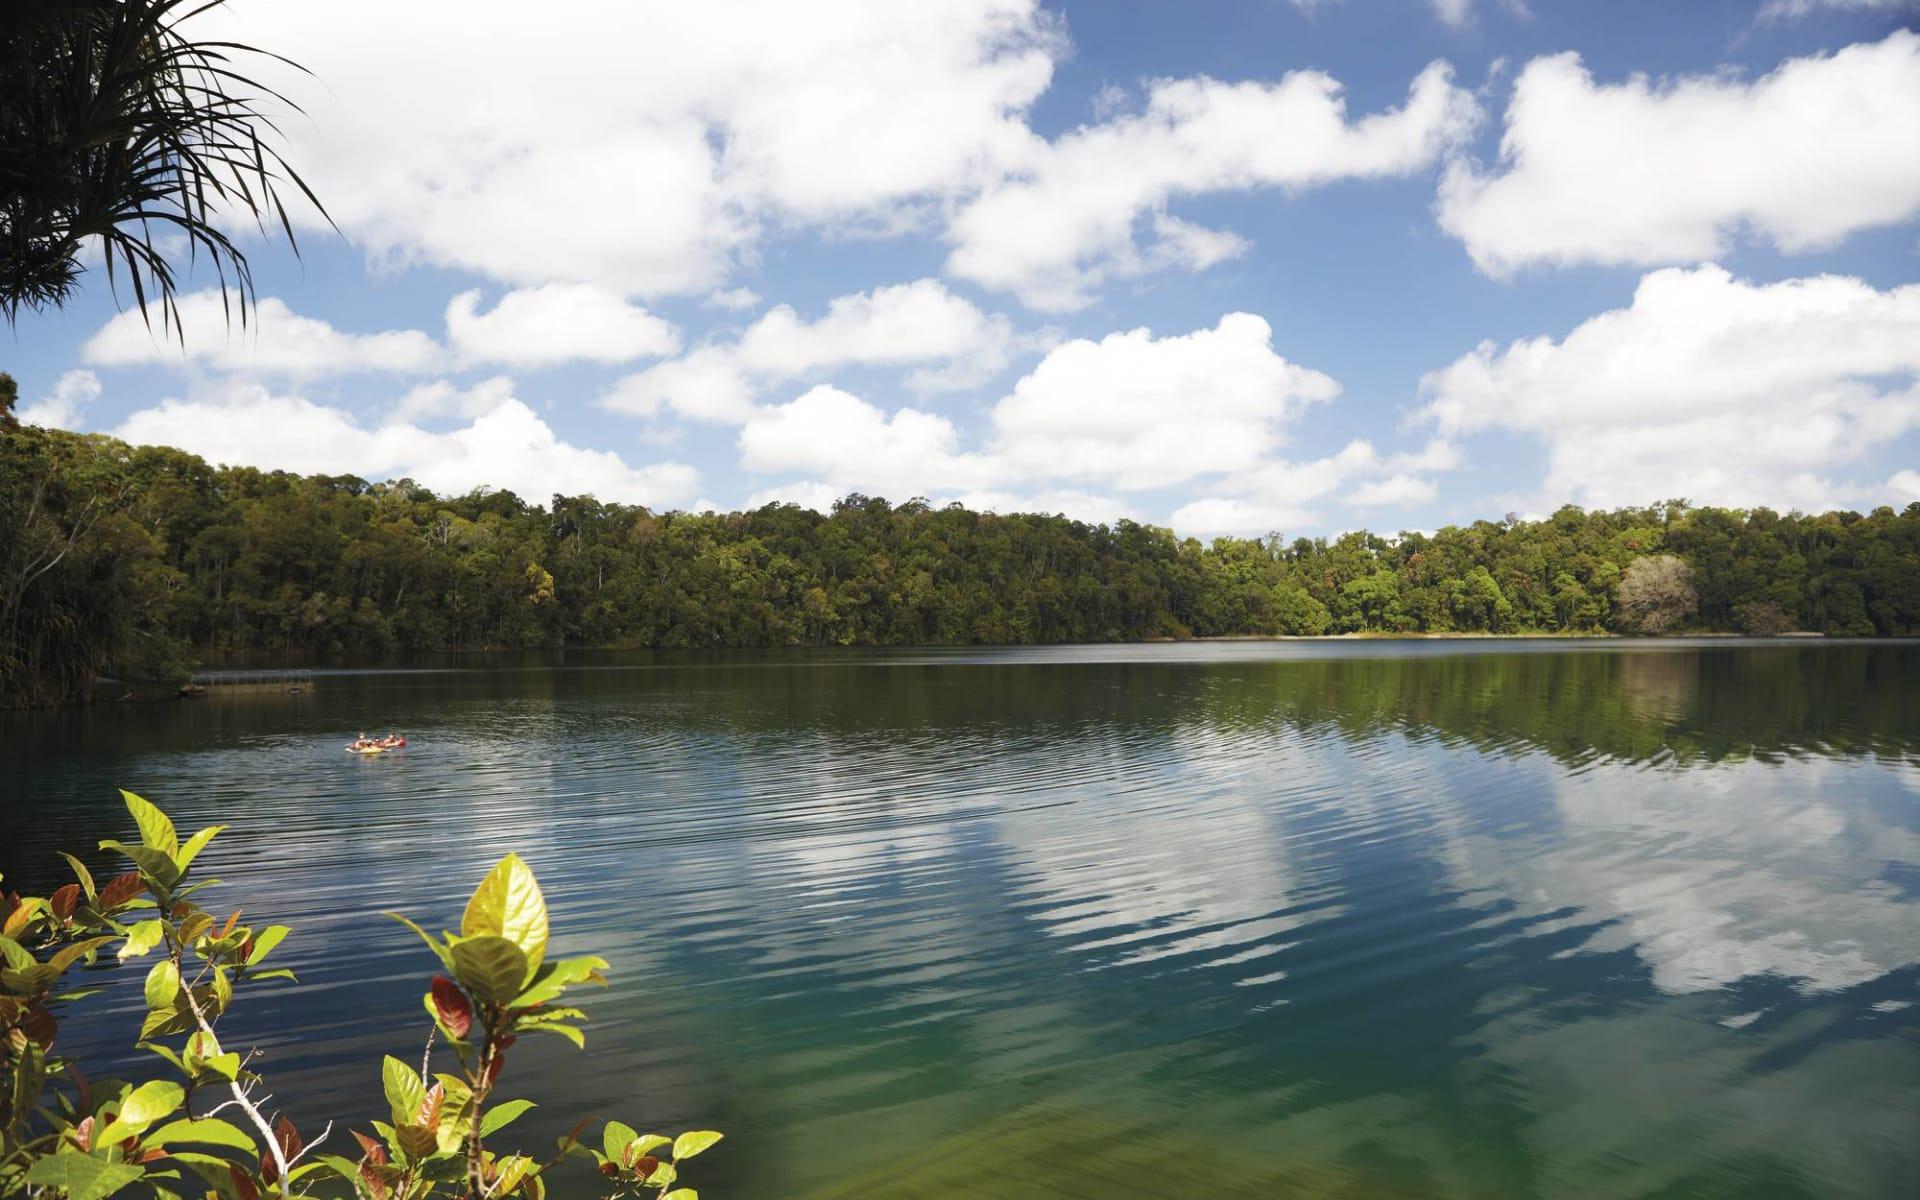 Queensland at its Best - Hinterland ab Brisbane: Australia - Queensland - Atherton Tablelands - Lake Eacham